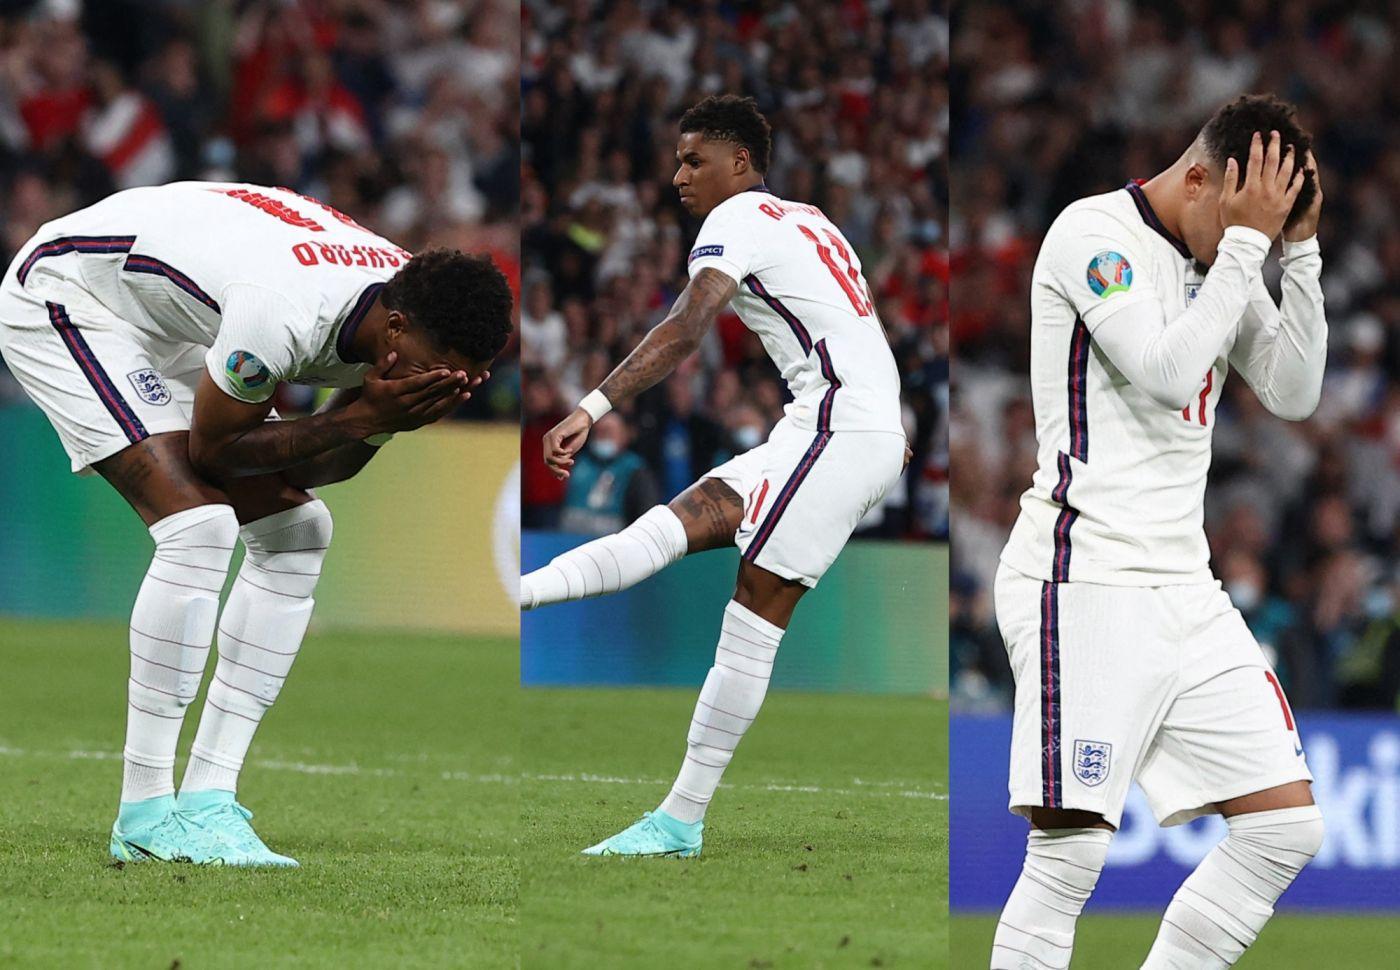 Euro 2020 : les joueurs anglais victimes de racisme de la part de  supporters après la défaite - Purebreak